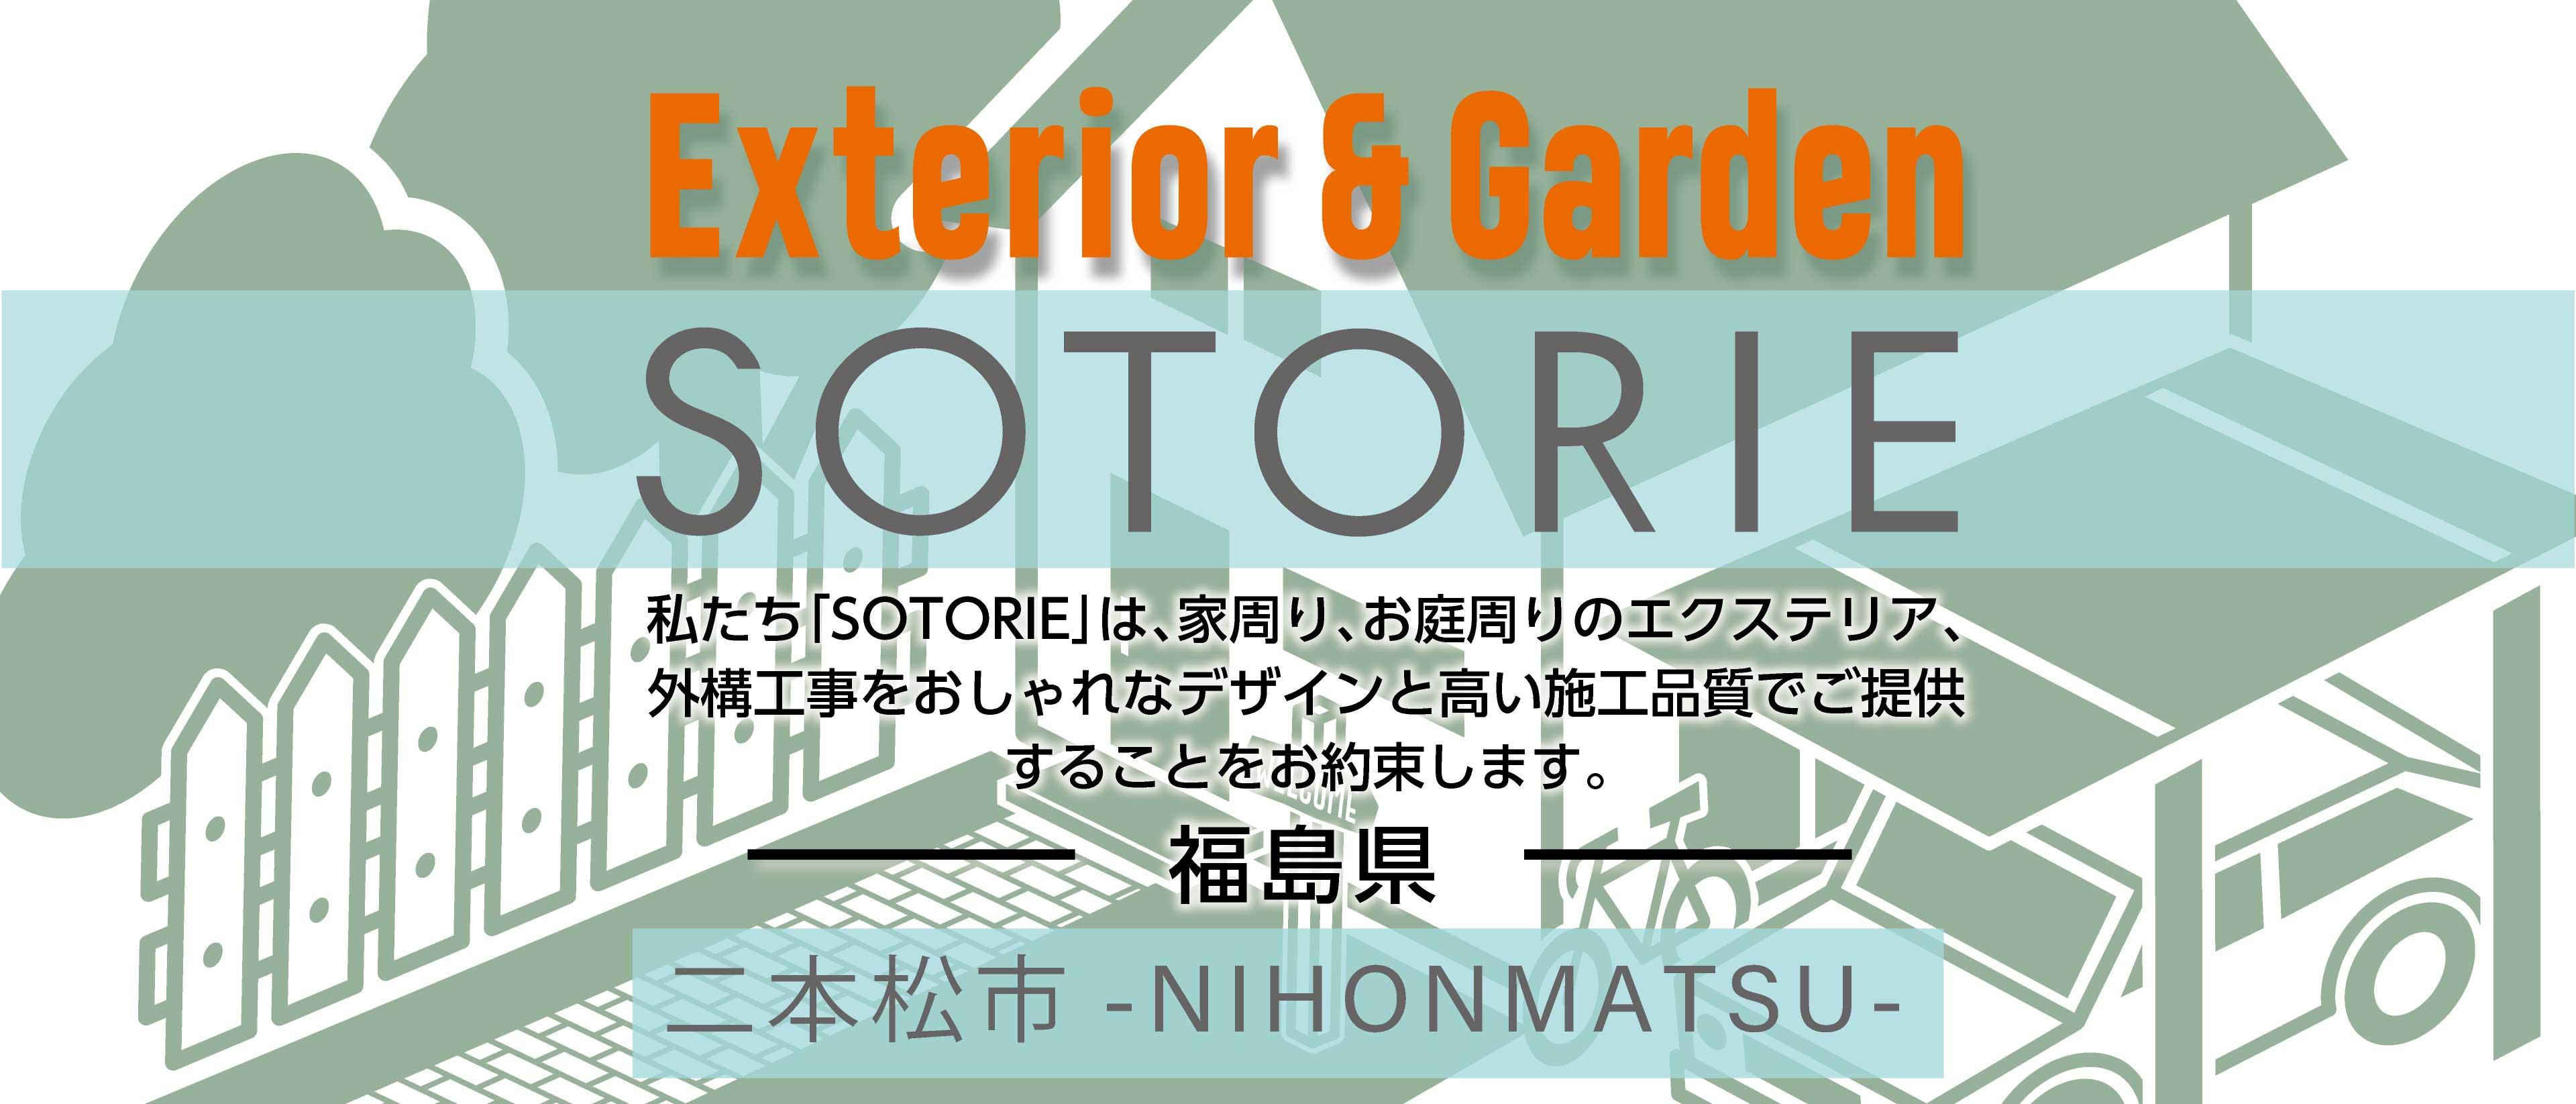 ソトリエ二本松市では、家周りと庭周りの外構、エクステリア工事をおしゃれなデザインと高い施工品質でご提供することをお約束します。